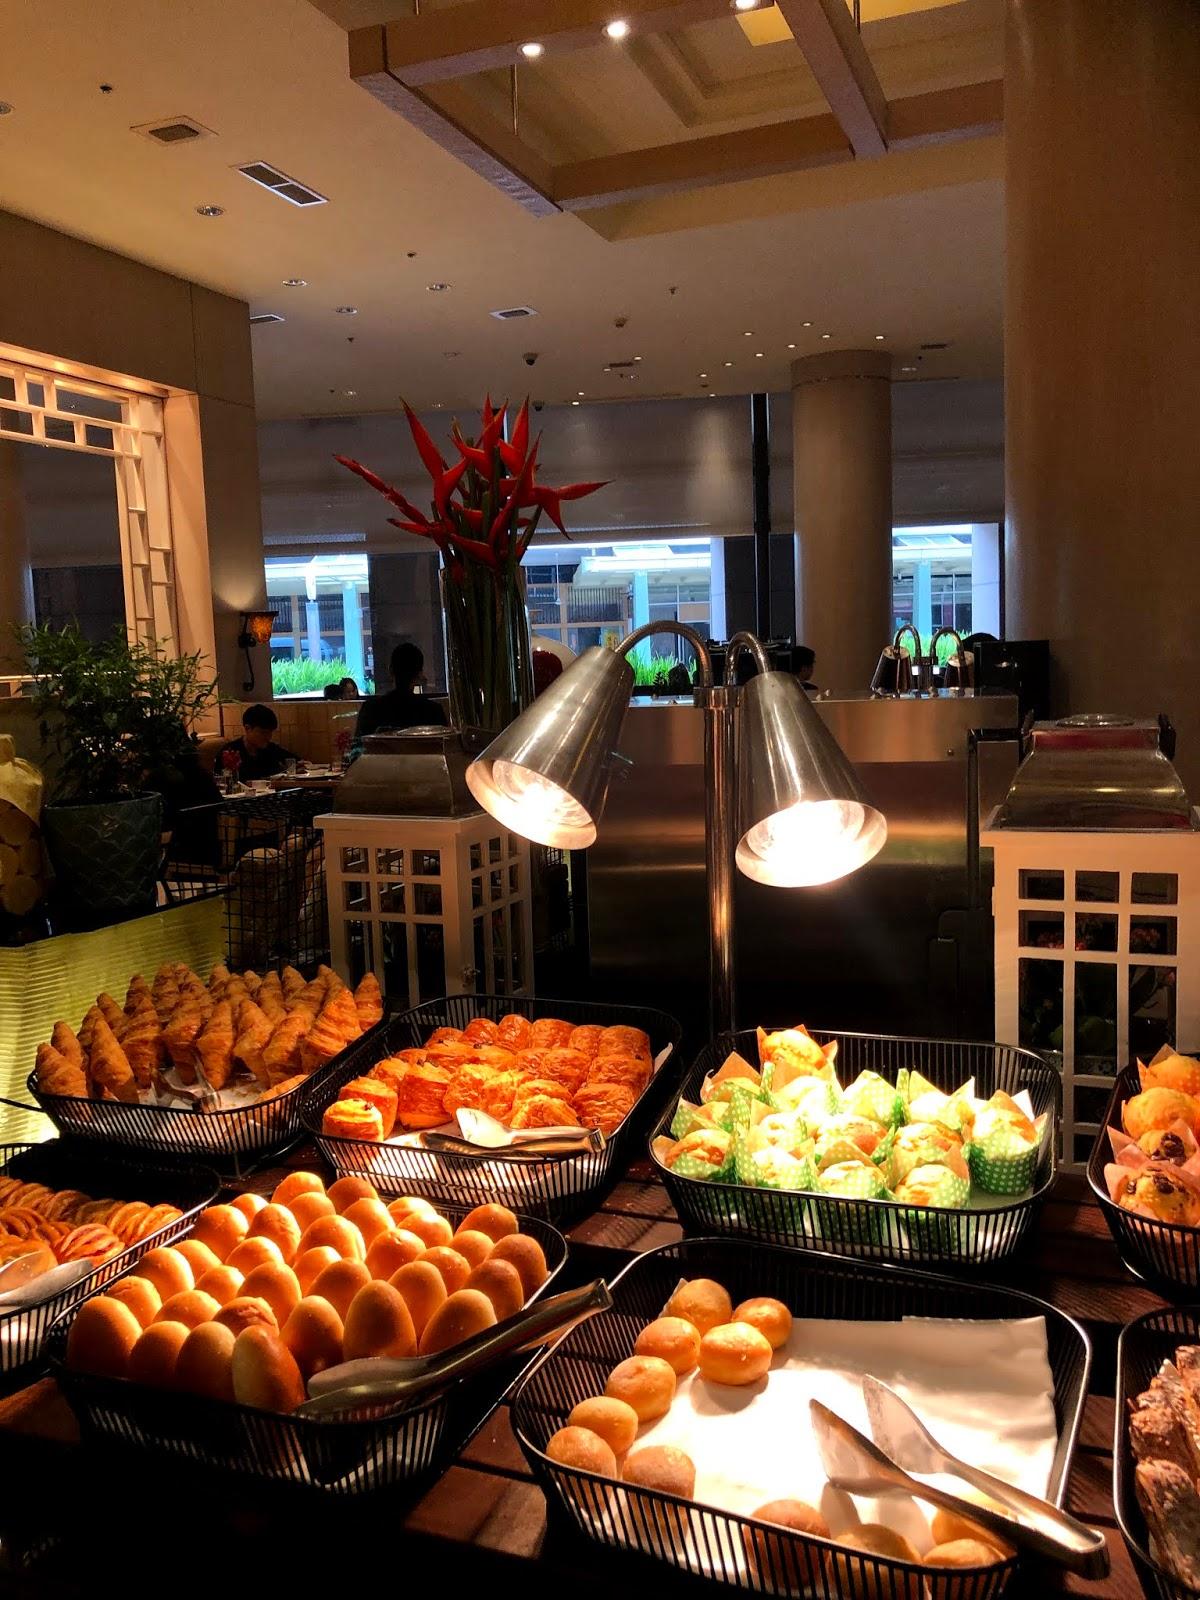 Conrad Centennial Singapore Executive King Room Review